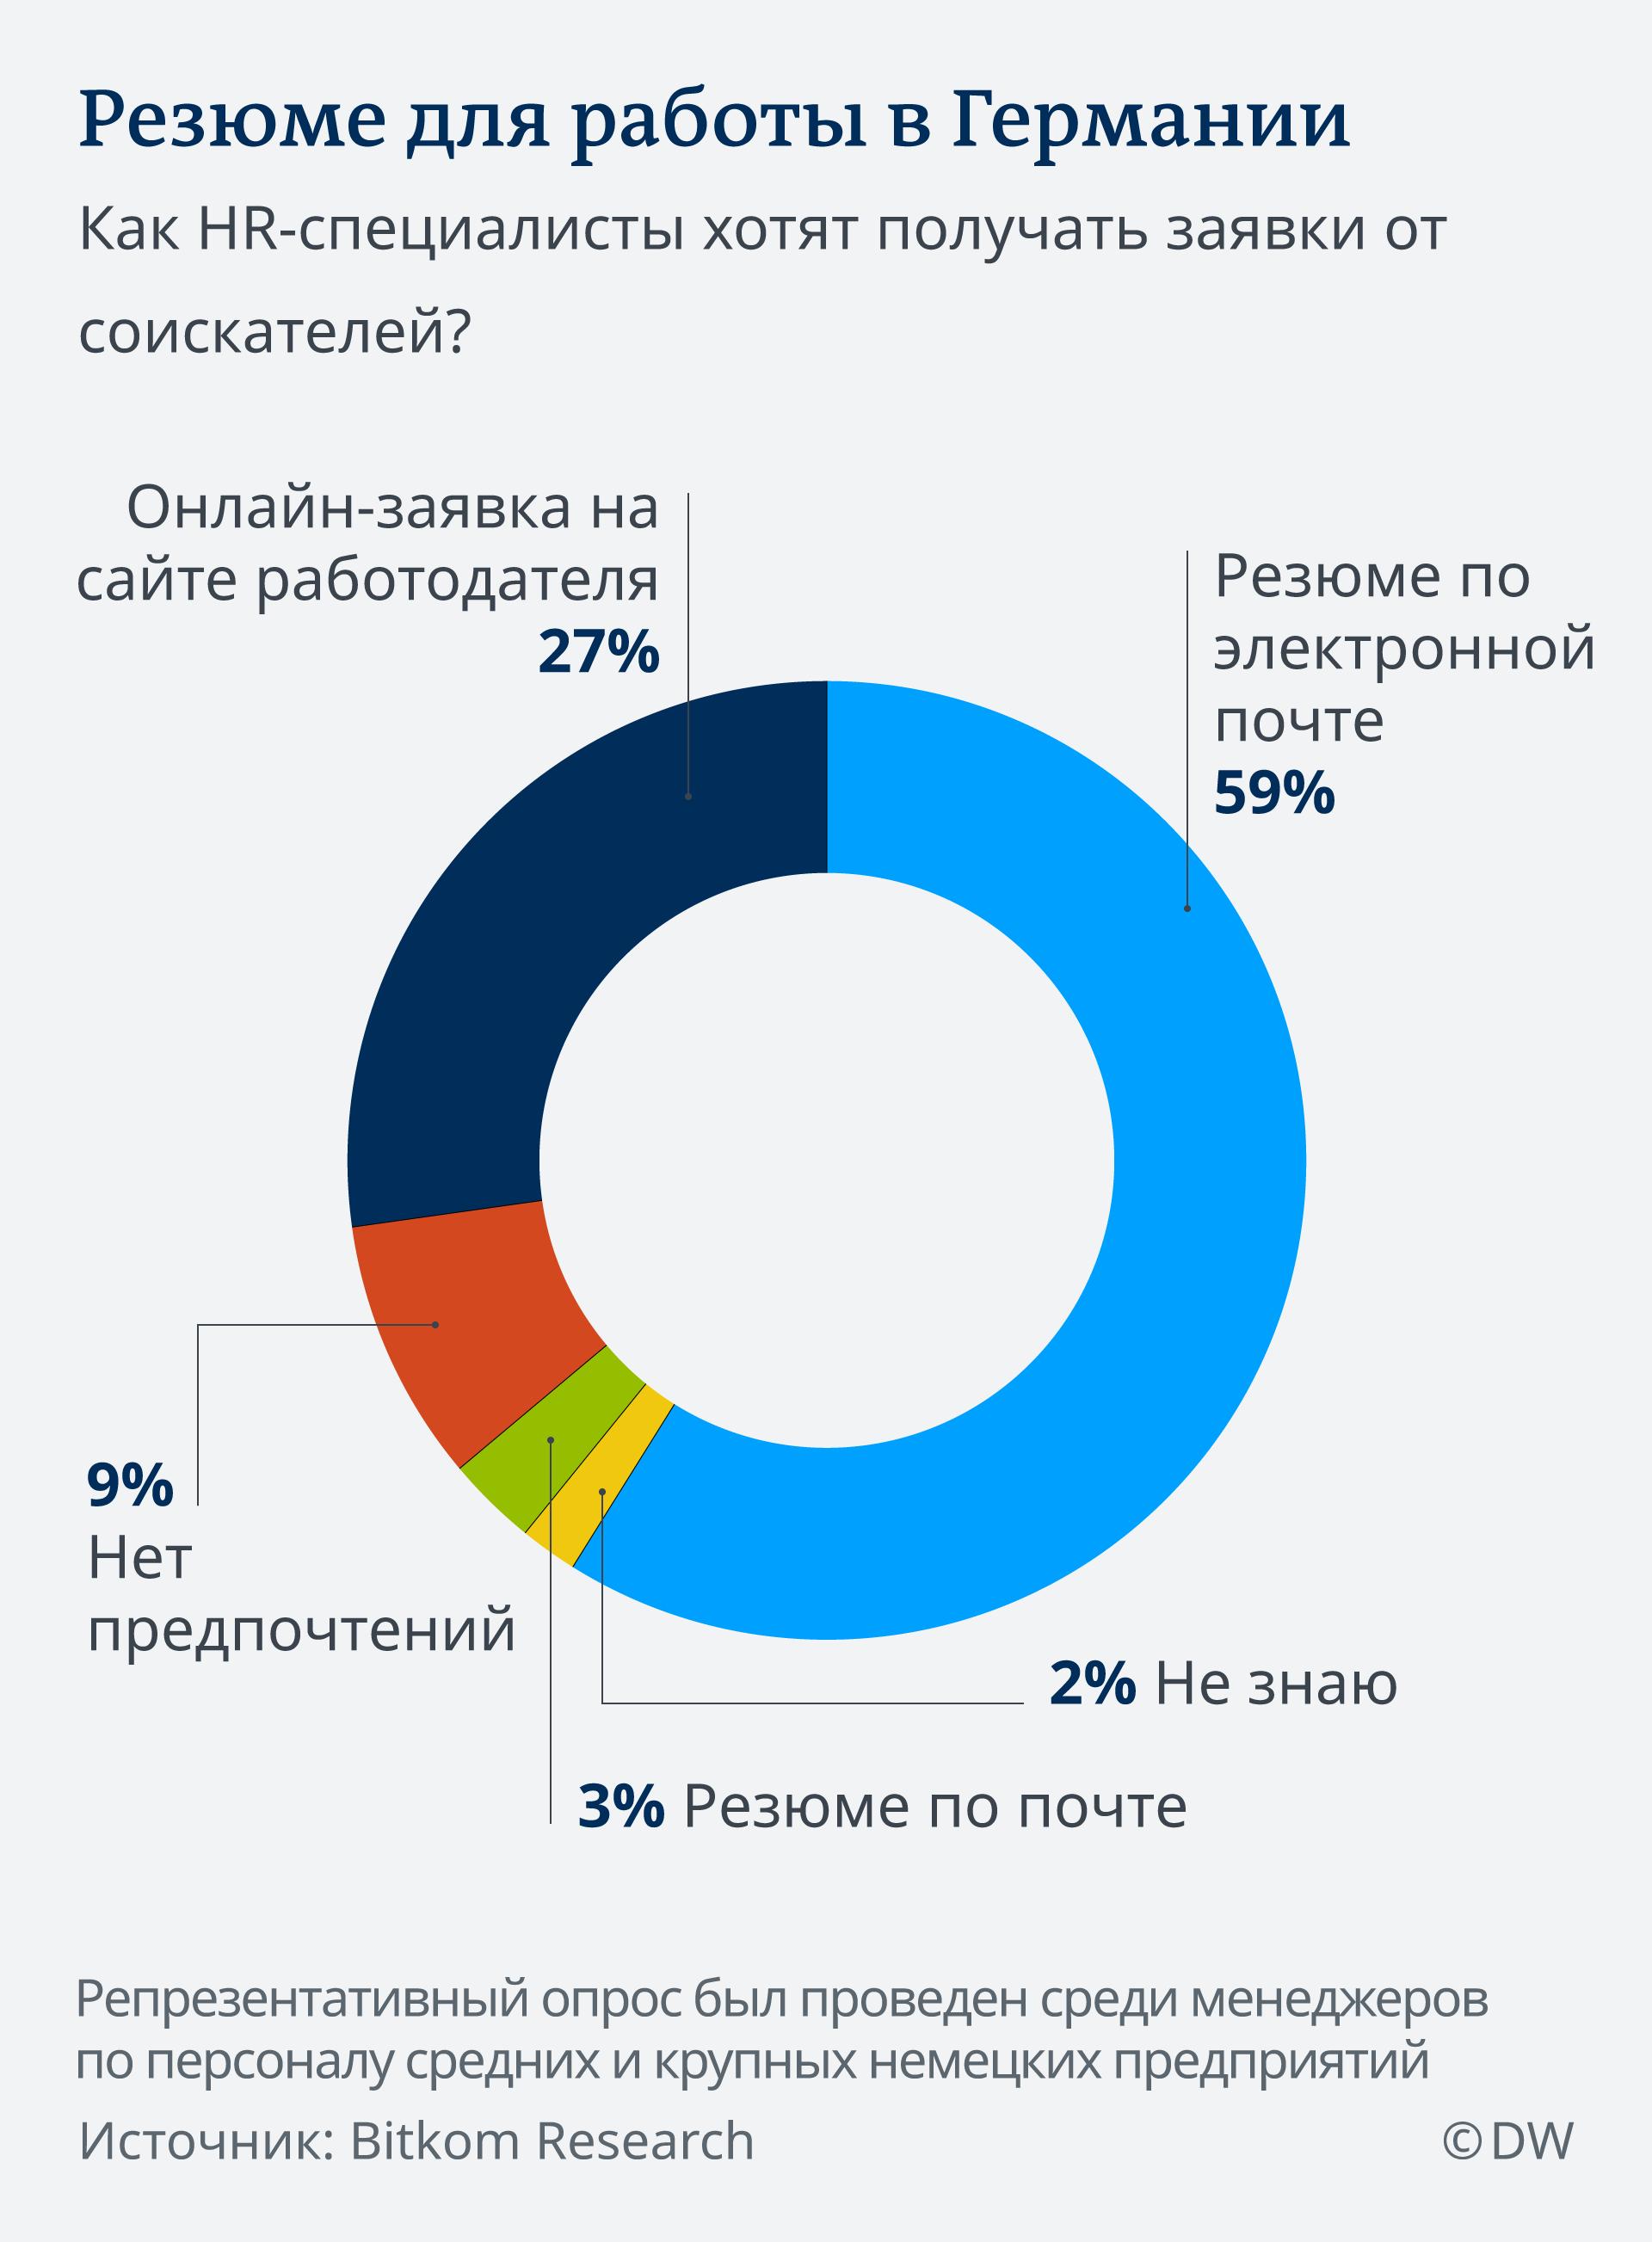 онлайн заявка без электронной почты кредит гражданам узбекистана в москве какой банк